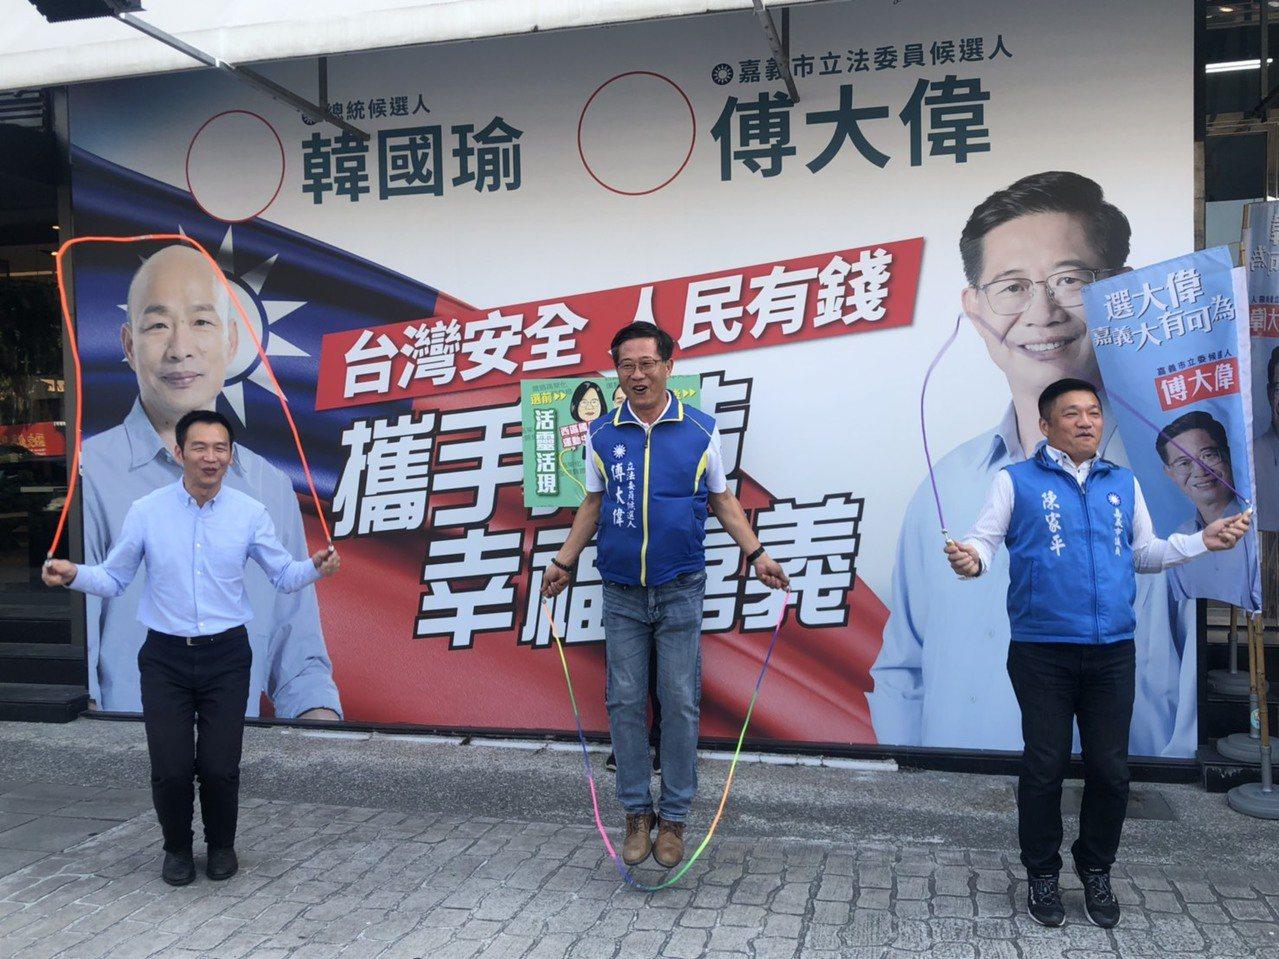 國民黨嘉義市立委候選人傅大偉說,韓國瑜可能會到總部參加跳繩不跳票活動。圖/本報資...